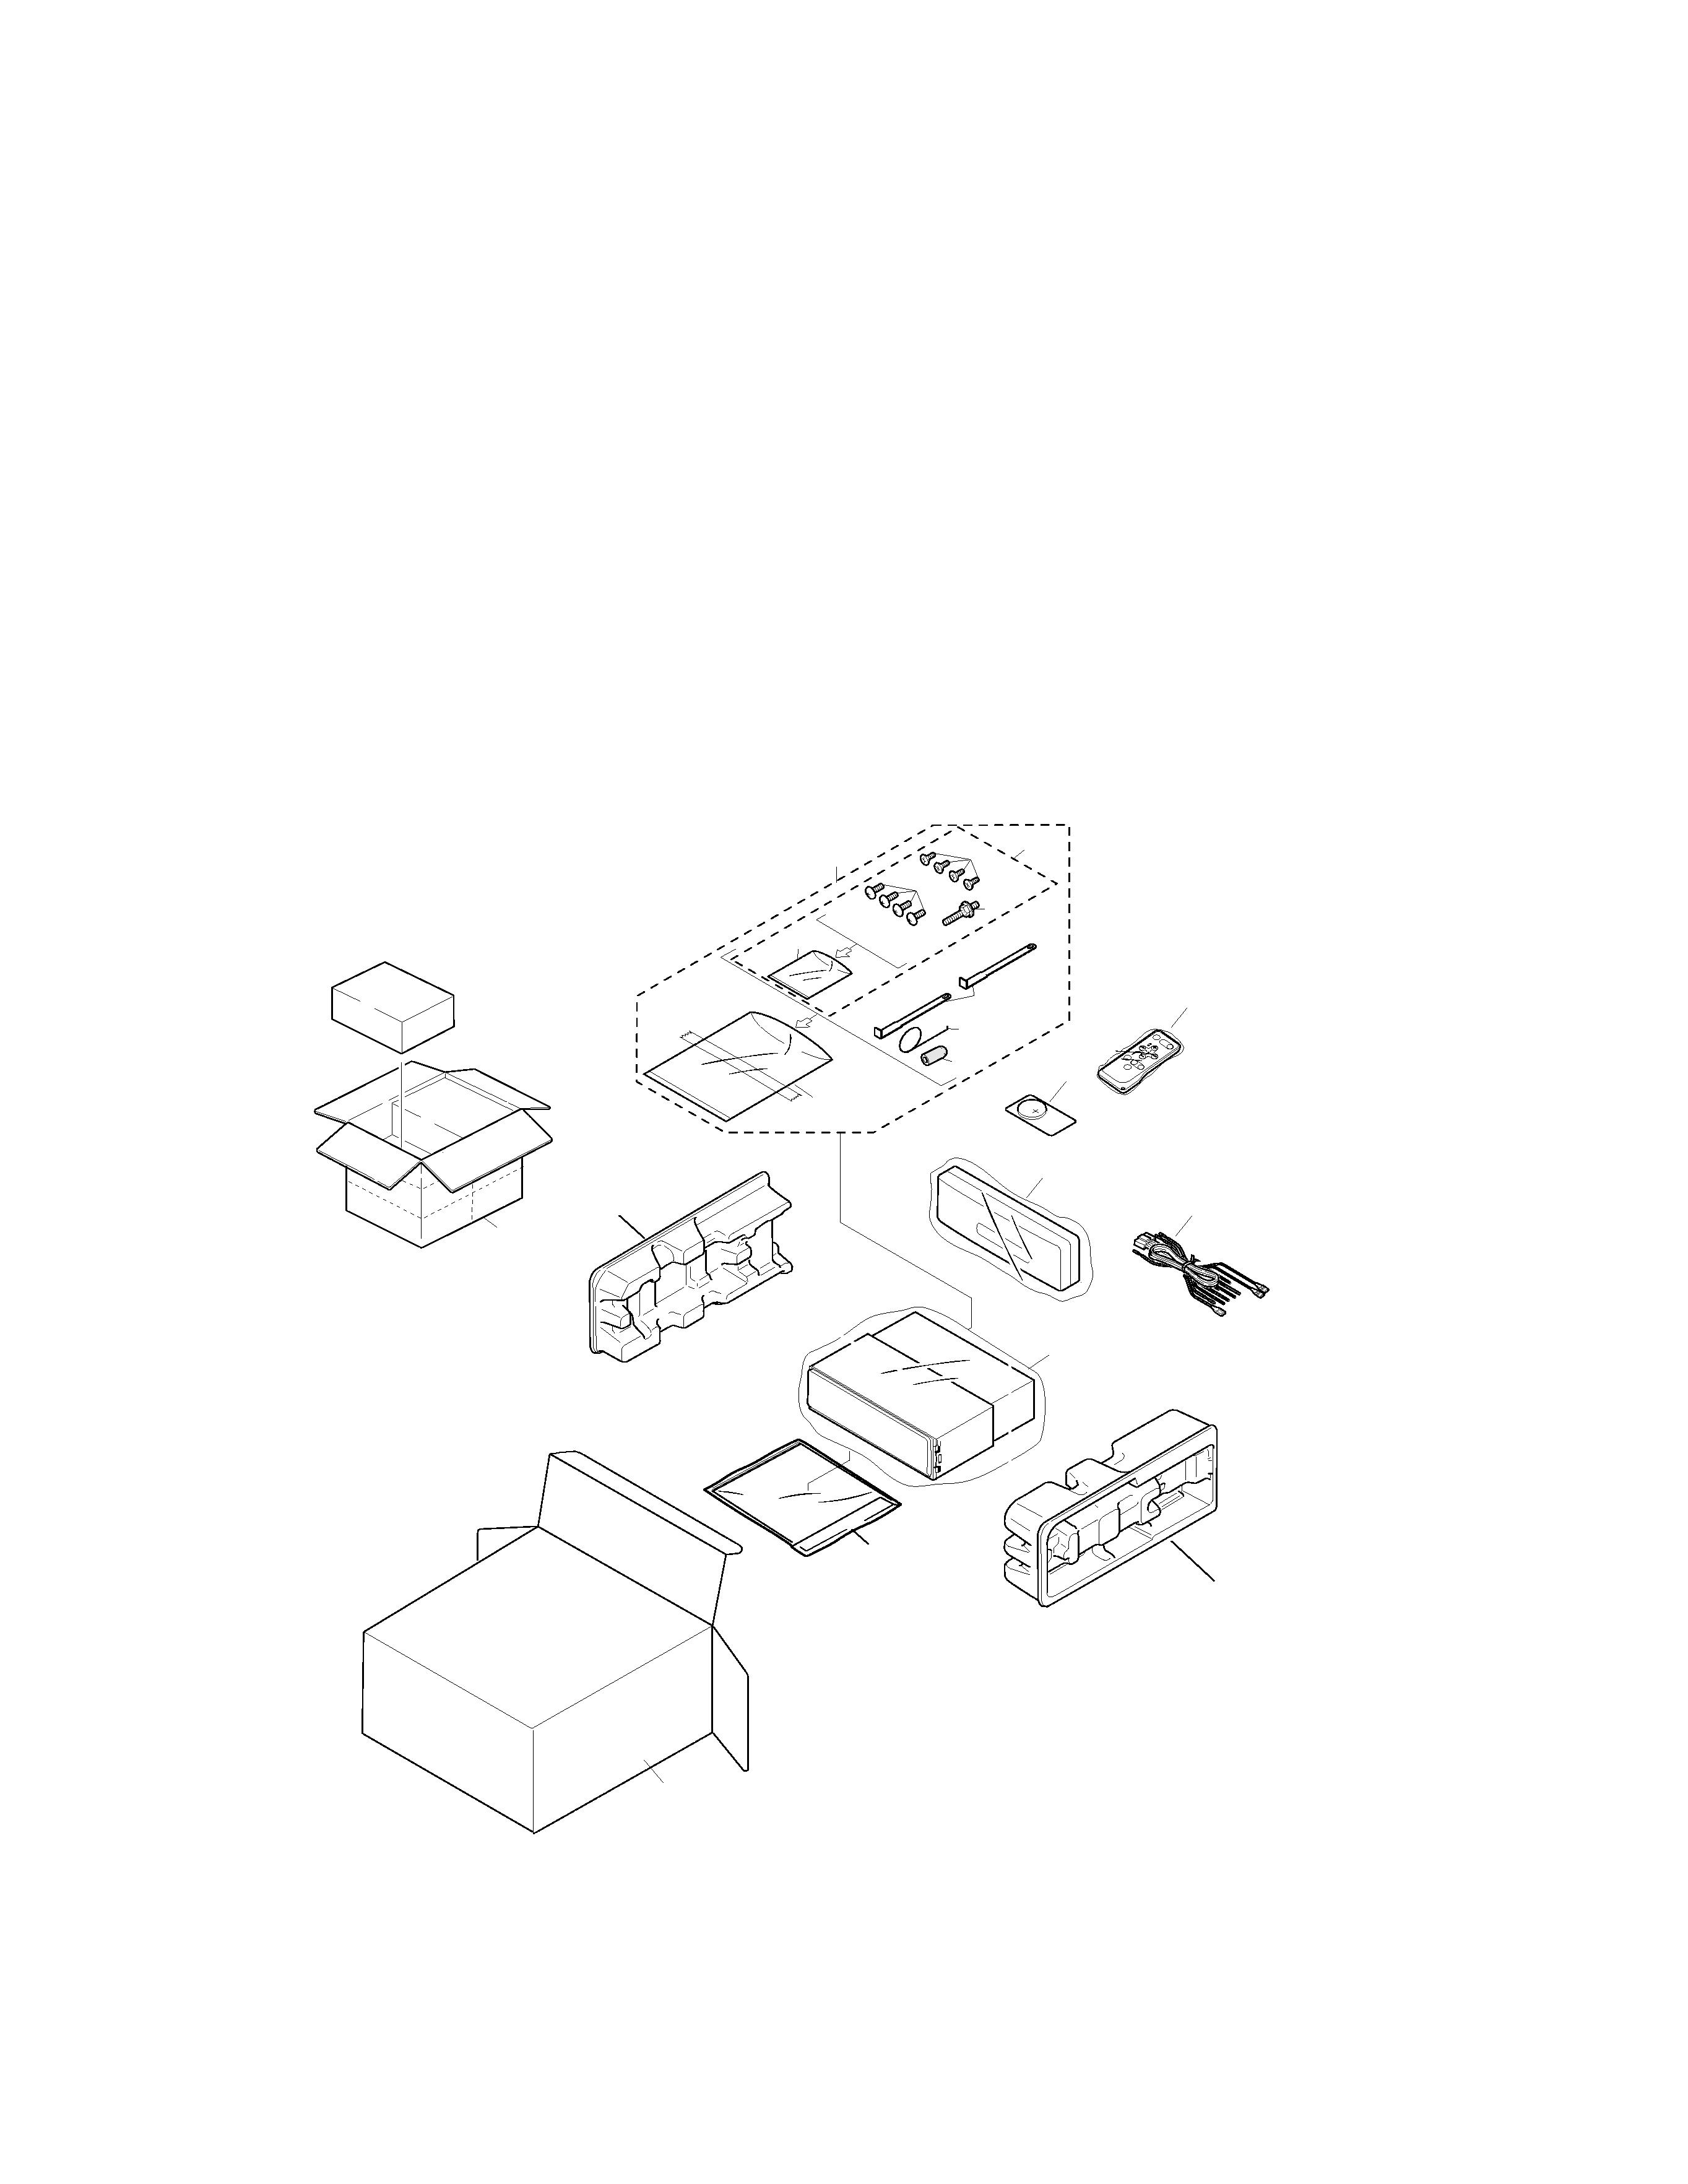 service manual for pioneer deh-p3150  xm  es